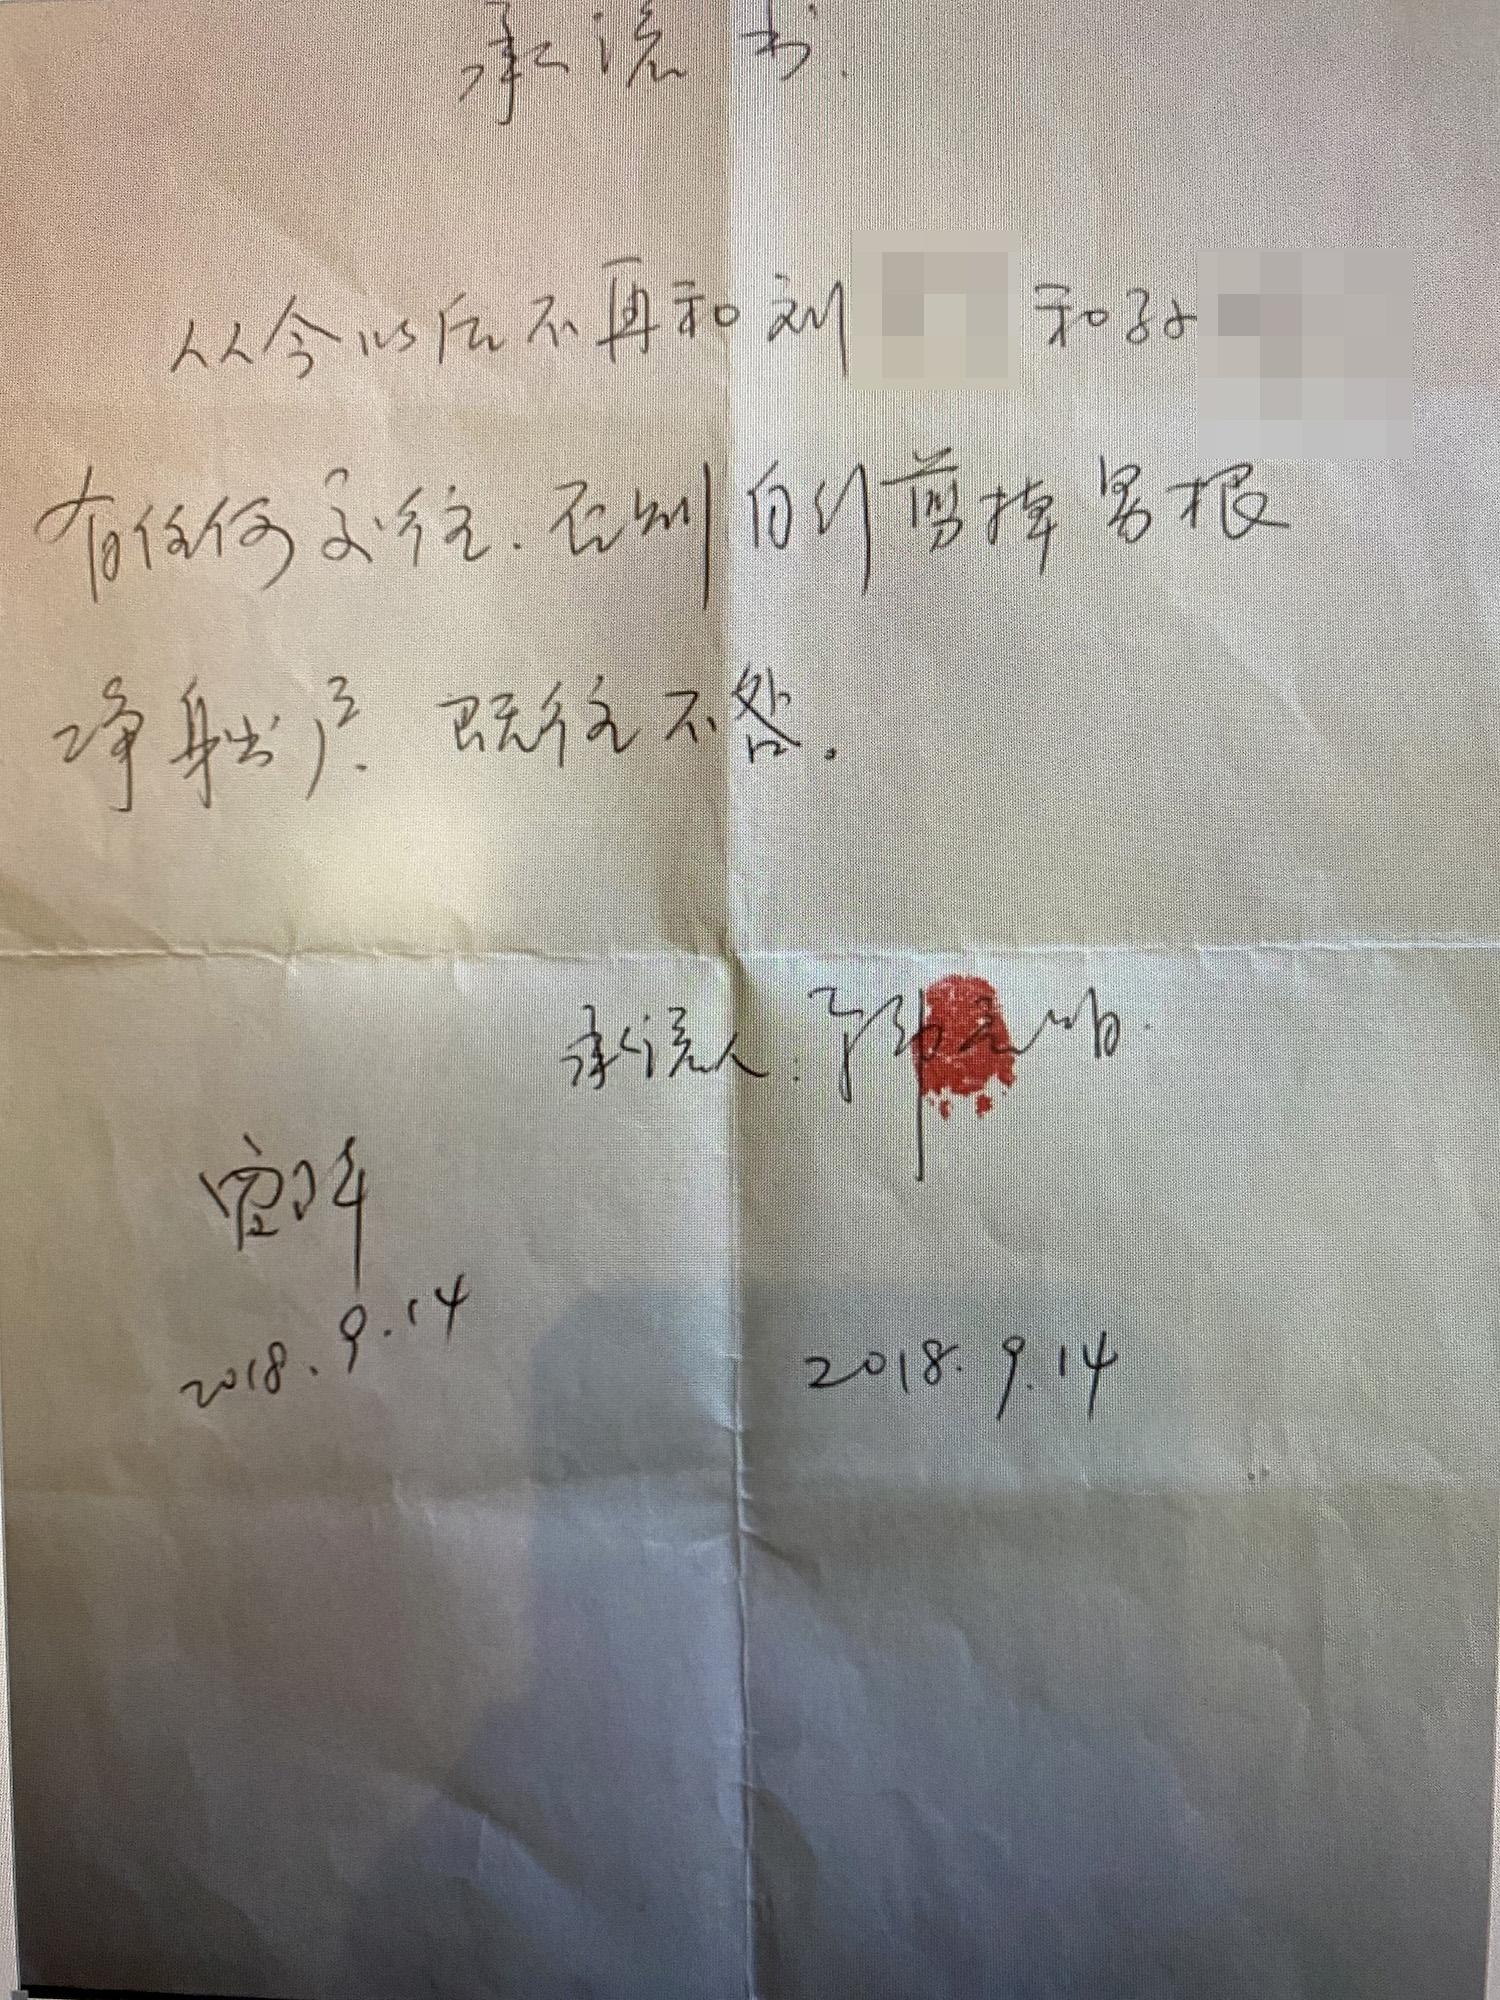 爆料人提供的疑似韩启明写的承诺书